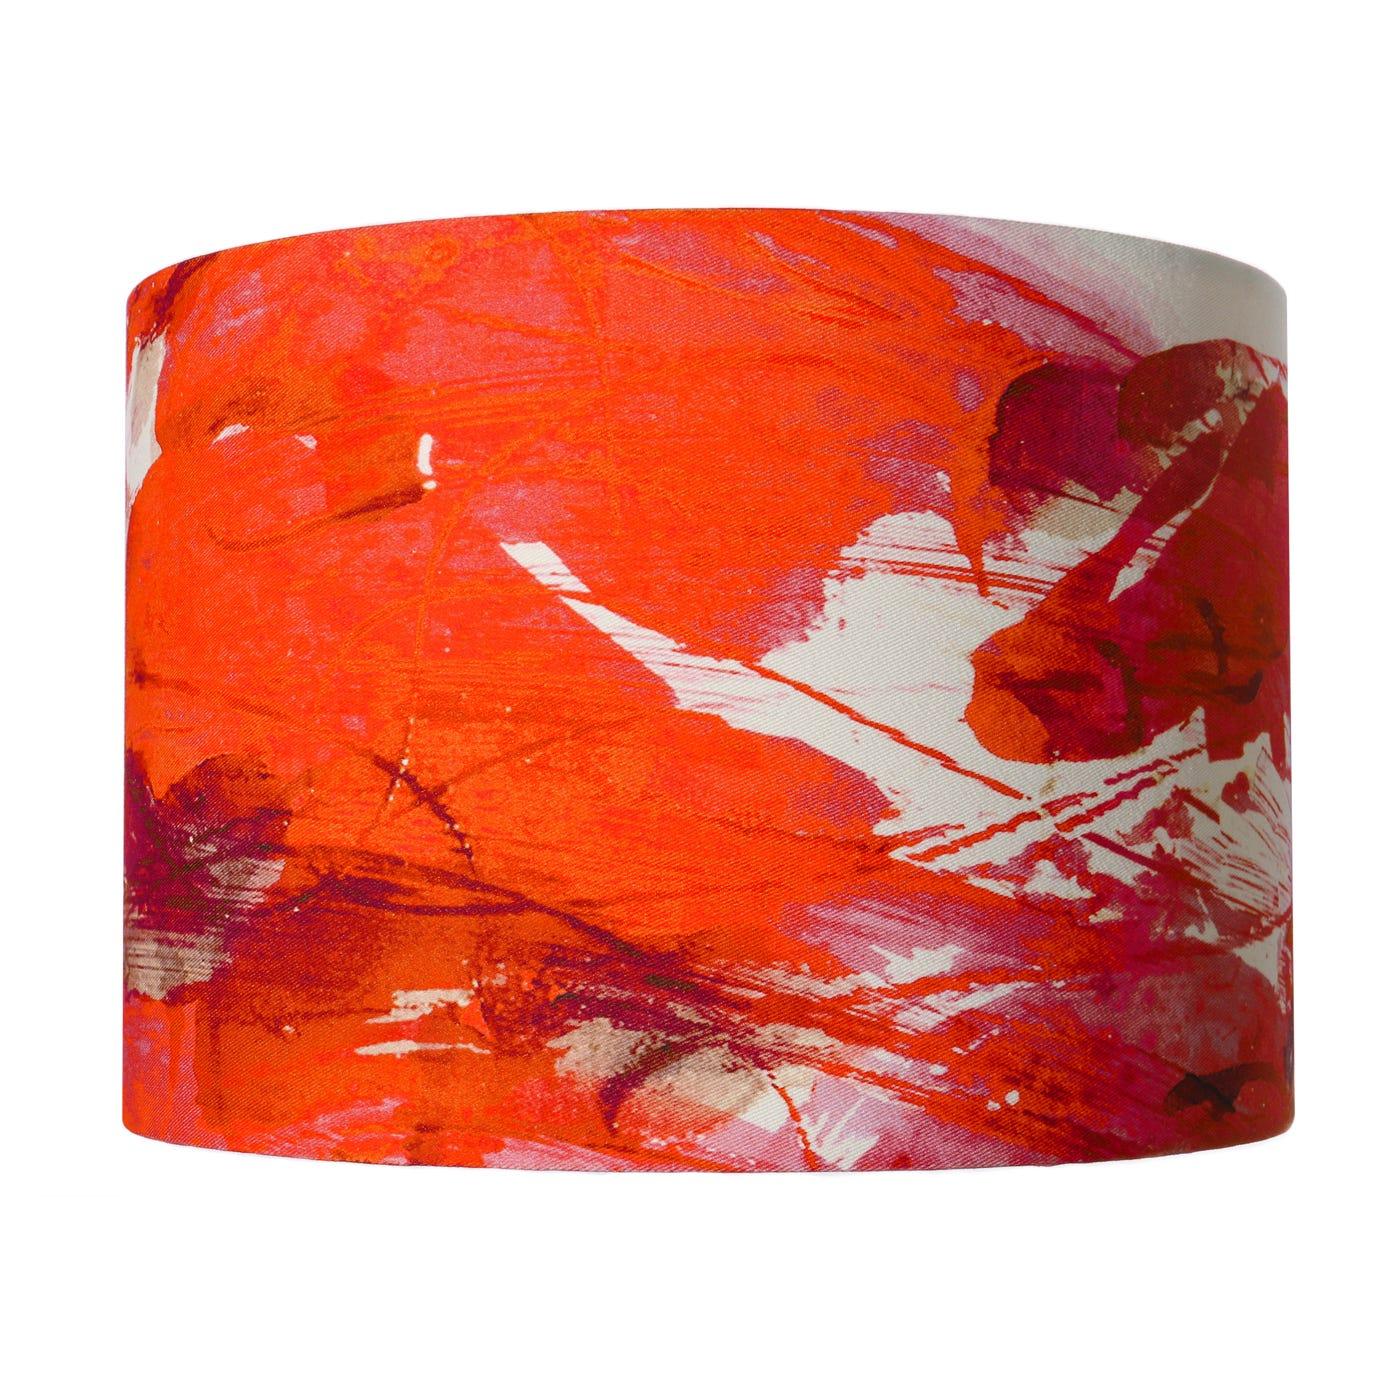 Sedum Detail in Orange Lampshade